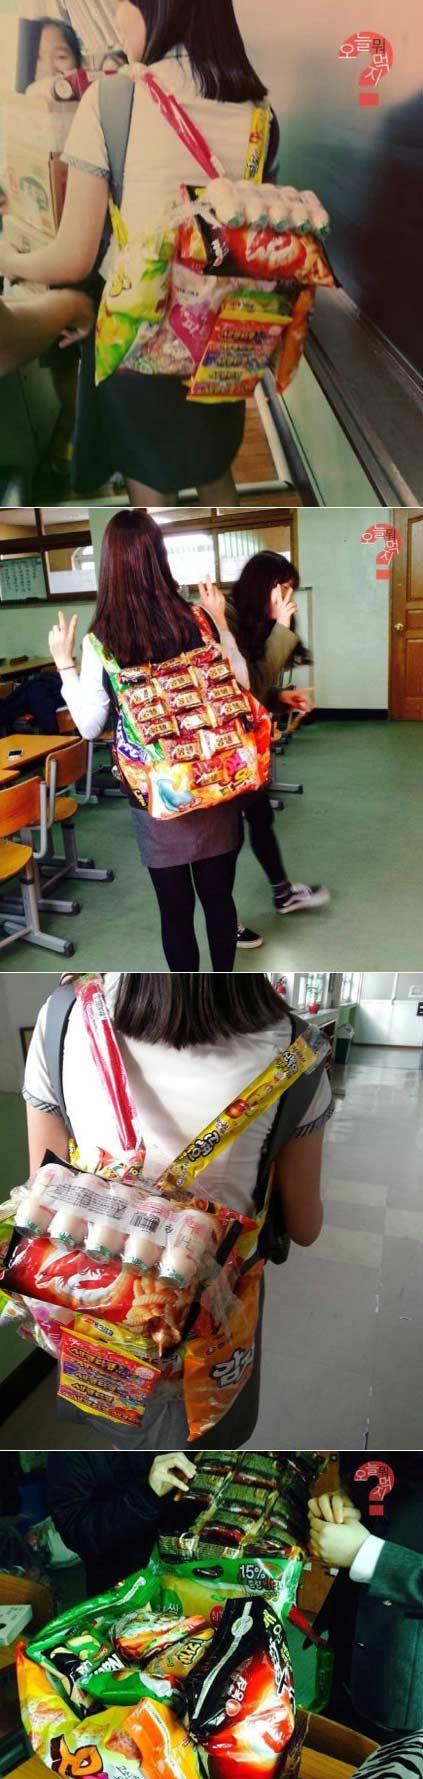 韩国学生中流行的生日礼物零食背包。物零食背包的制作非常简单:把五包零食缠起来做成包包的形状,好几排巧克力派或者酸奶放在上面做成包盖。物零背带可以用长条软糖来做!哈哈哈背上这个上街绝对拉轰啊!